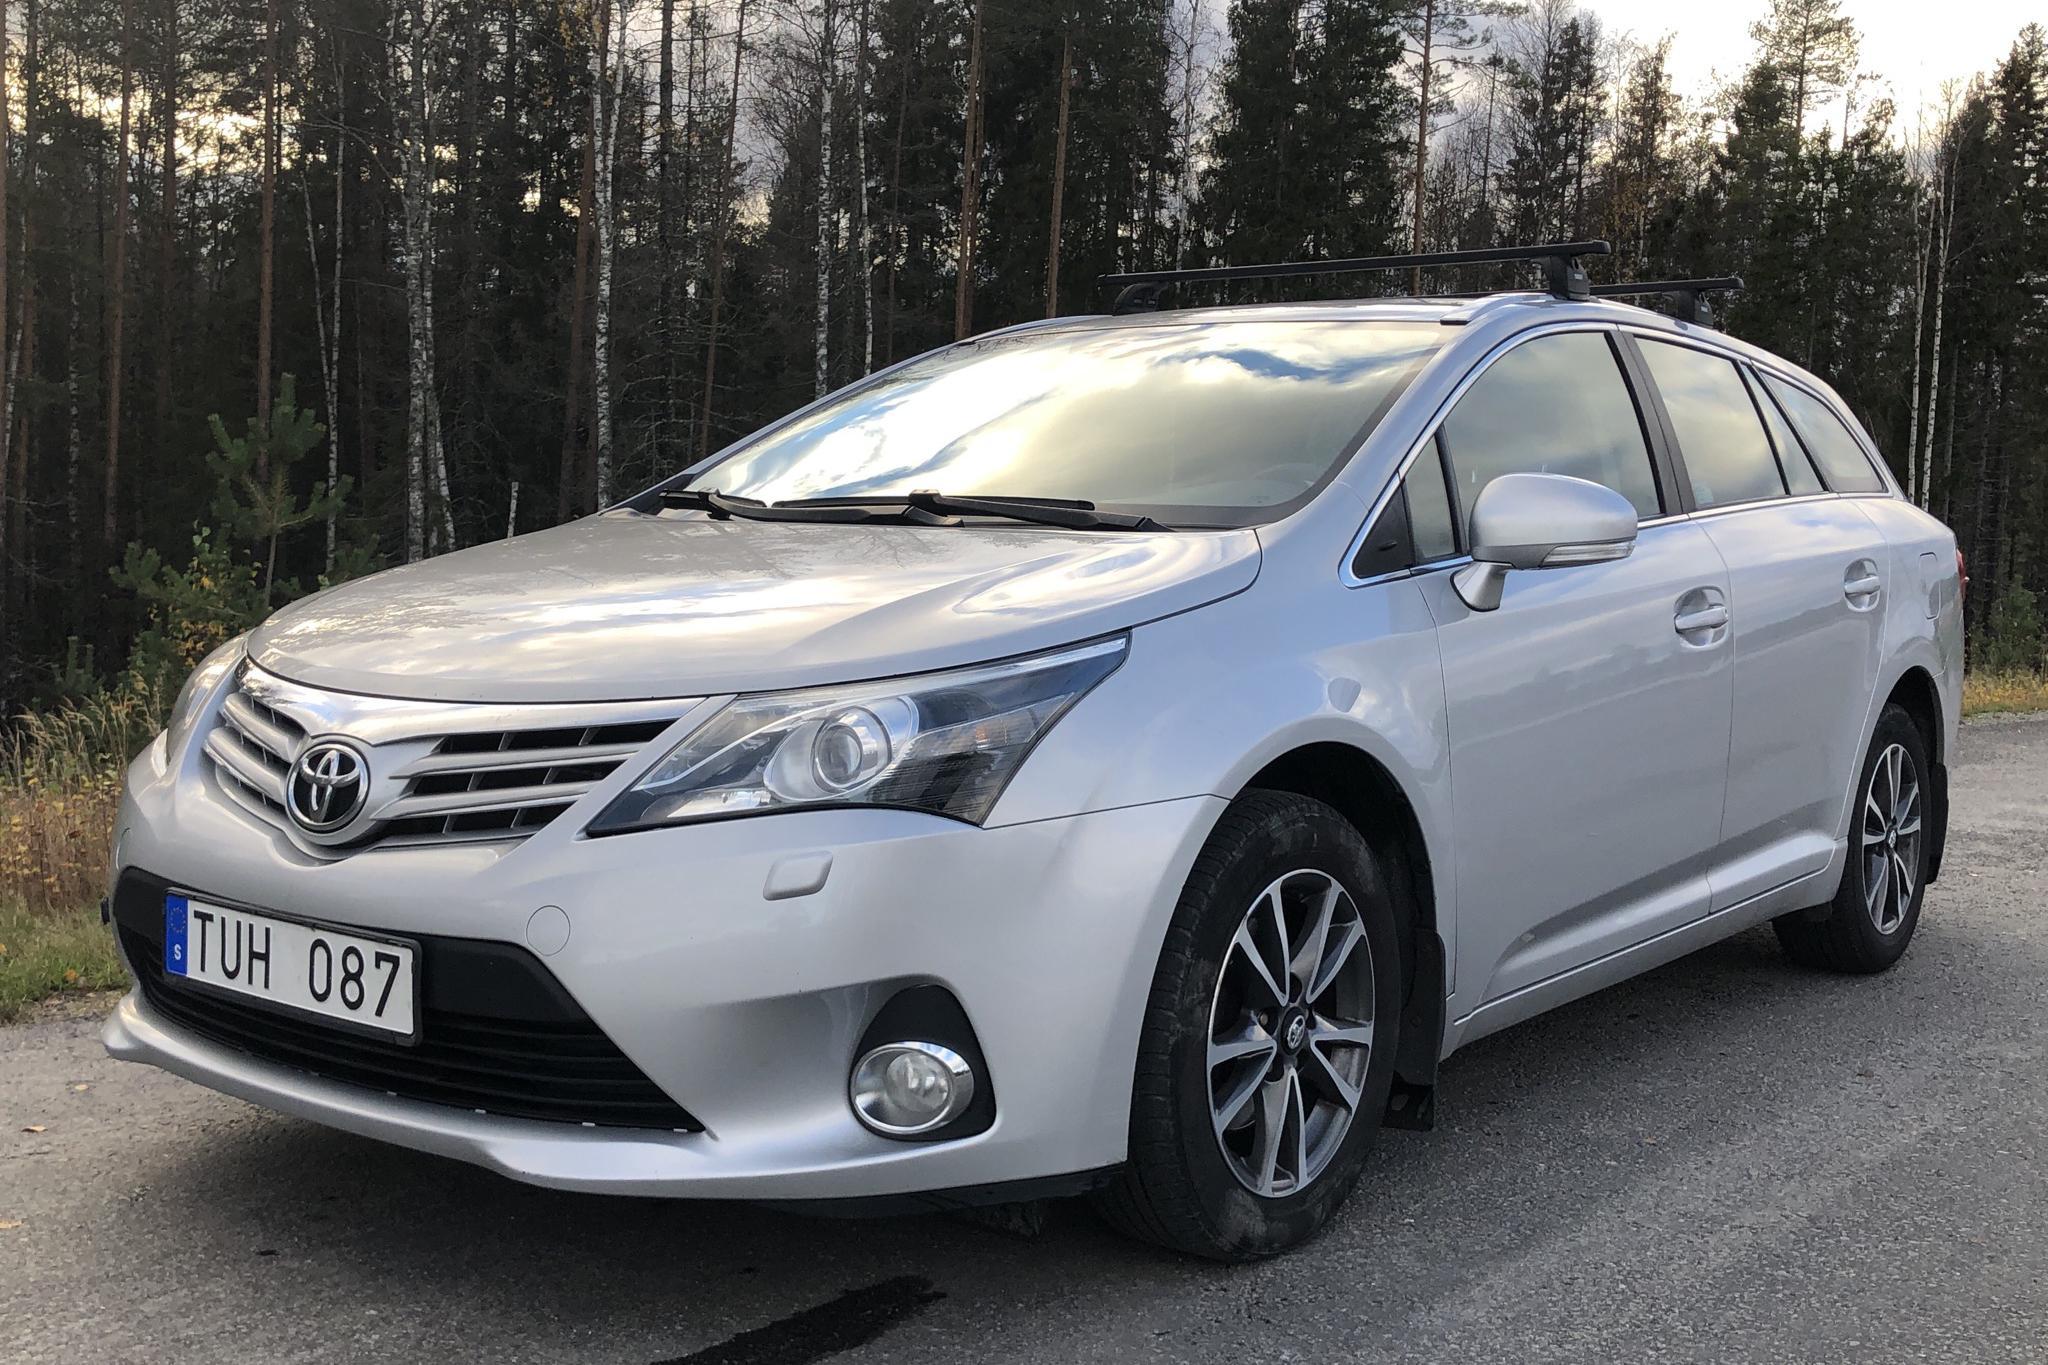 Toyota Avensis 2.0 D-4D Kombi (124hk) - 179 760 km - Manual - silver - 2013